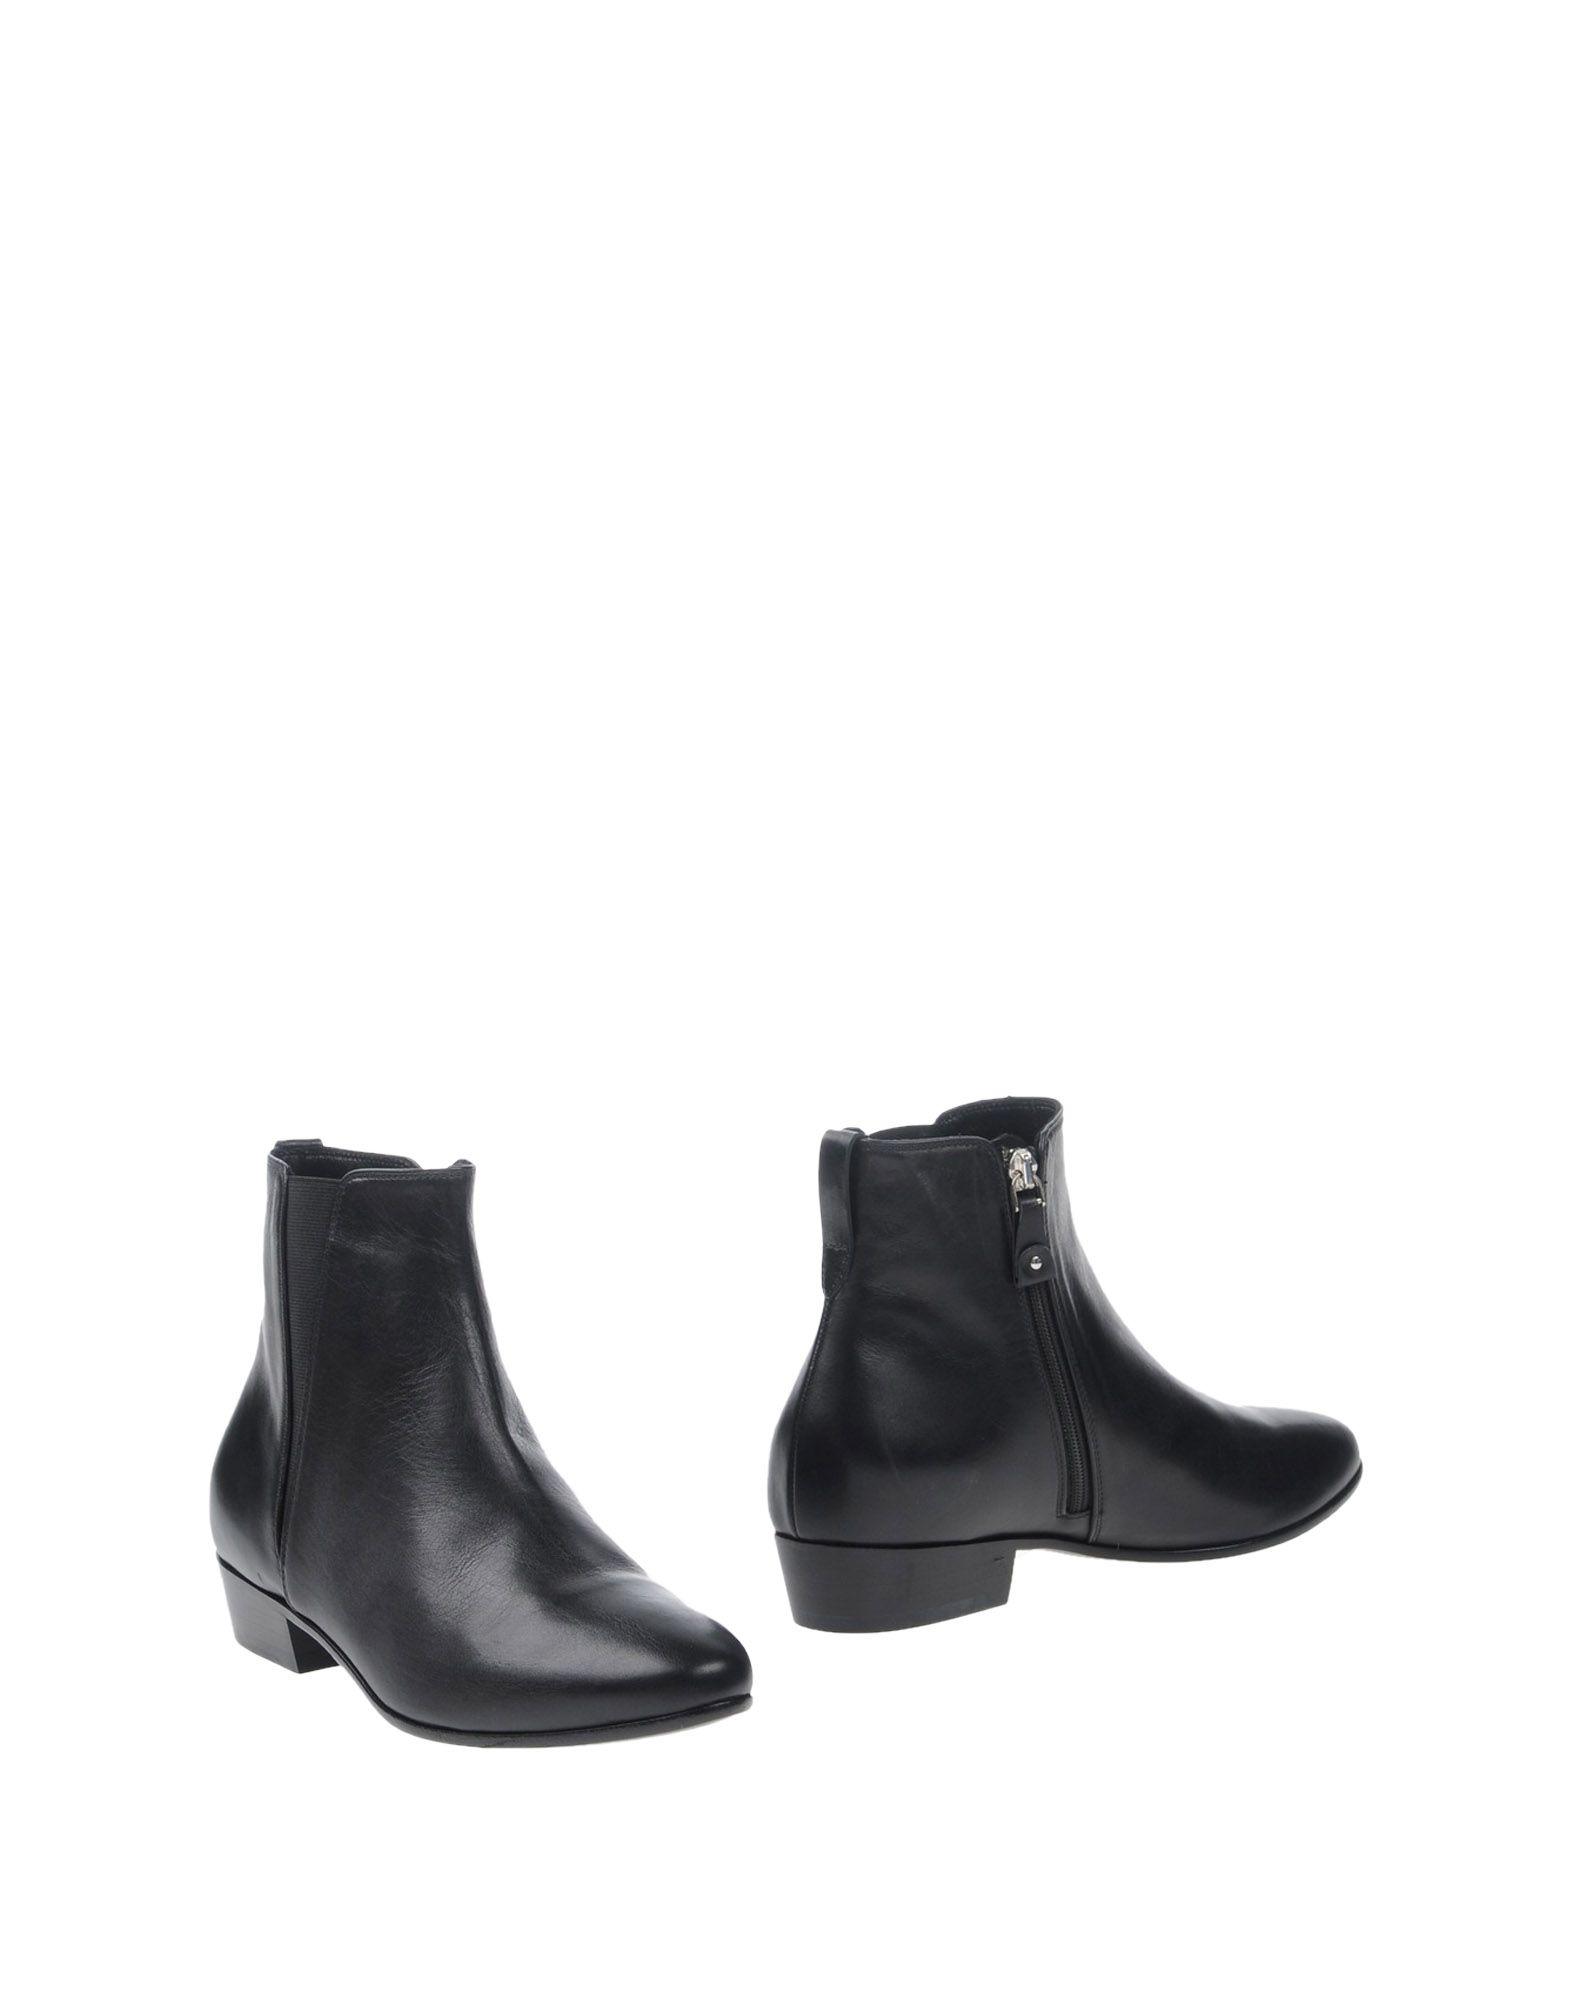 18 Kt Stiefelette Damen  11265838HPGut aussehende strapazierfähige Schuhe